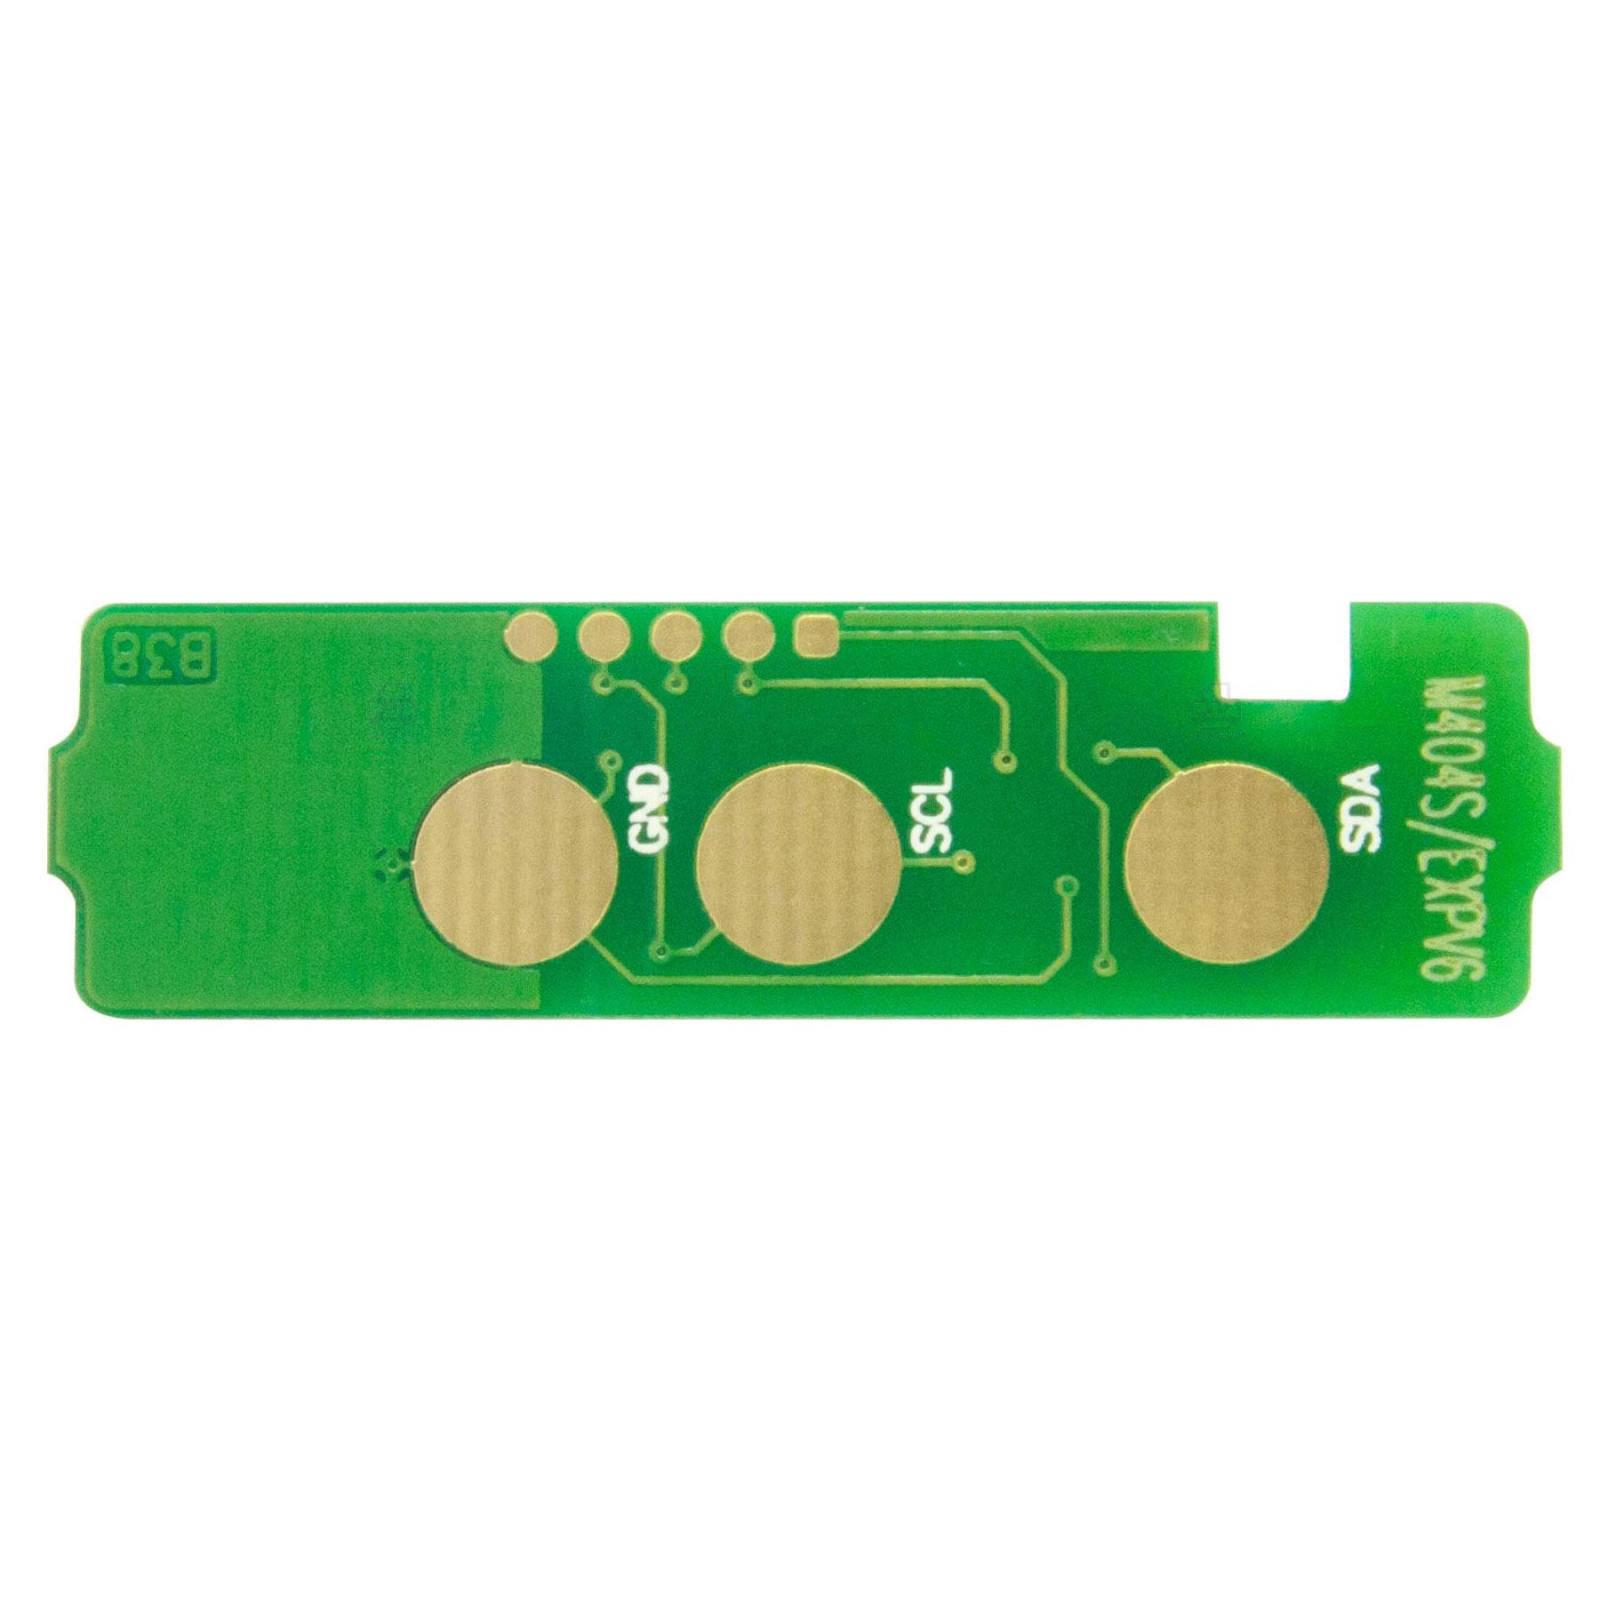 Чип для картриджа Samsung SL-C430W/С480W (1К) Yellow BASF (BASF-CH-Y404S) изображение 2